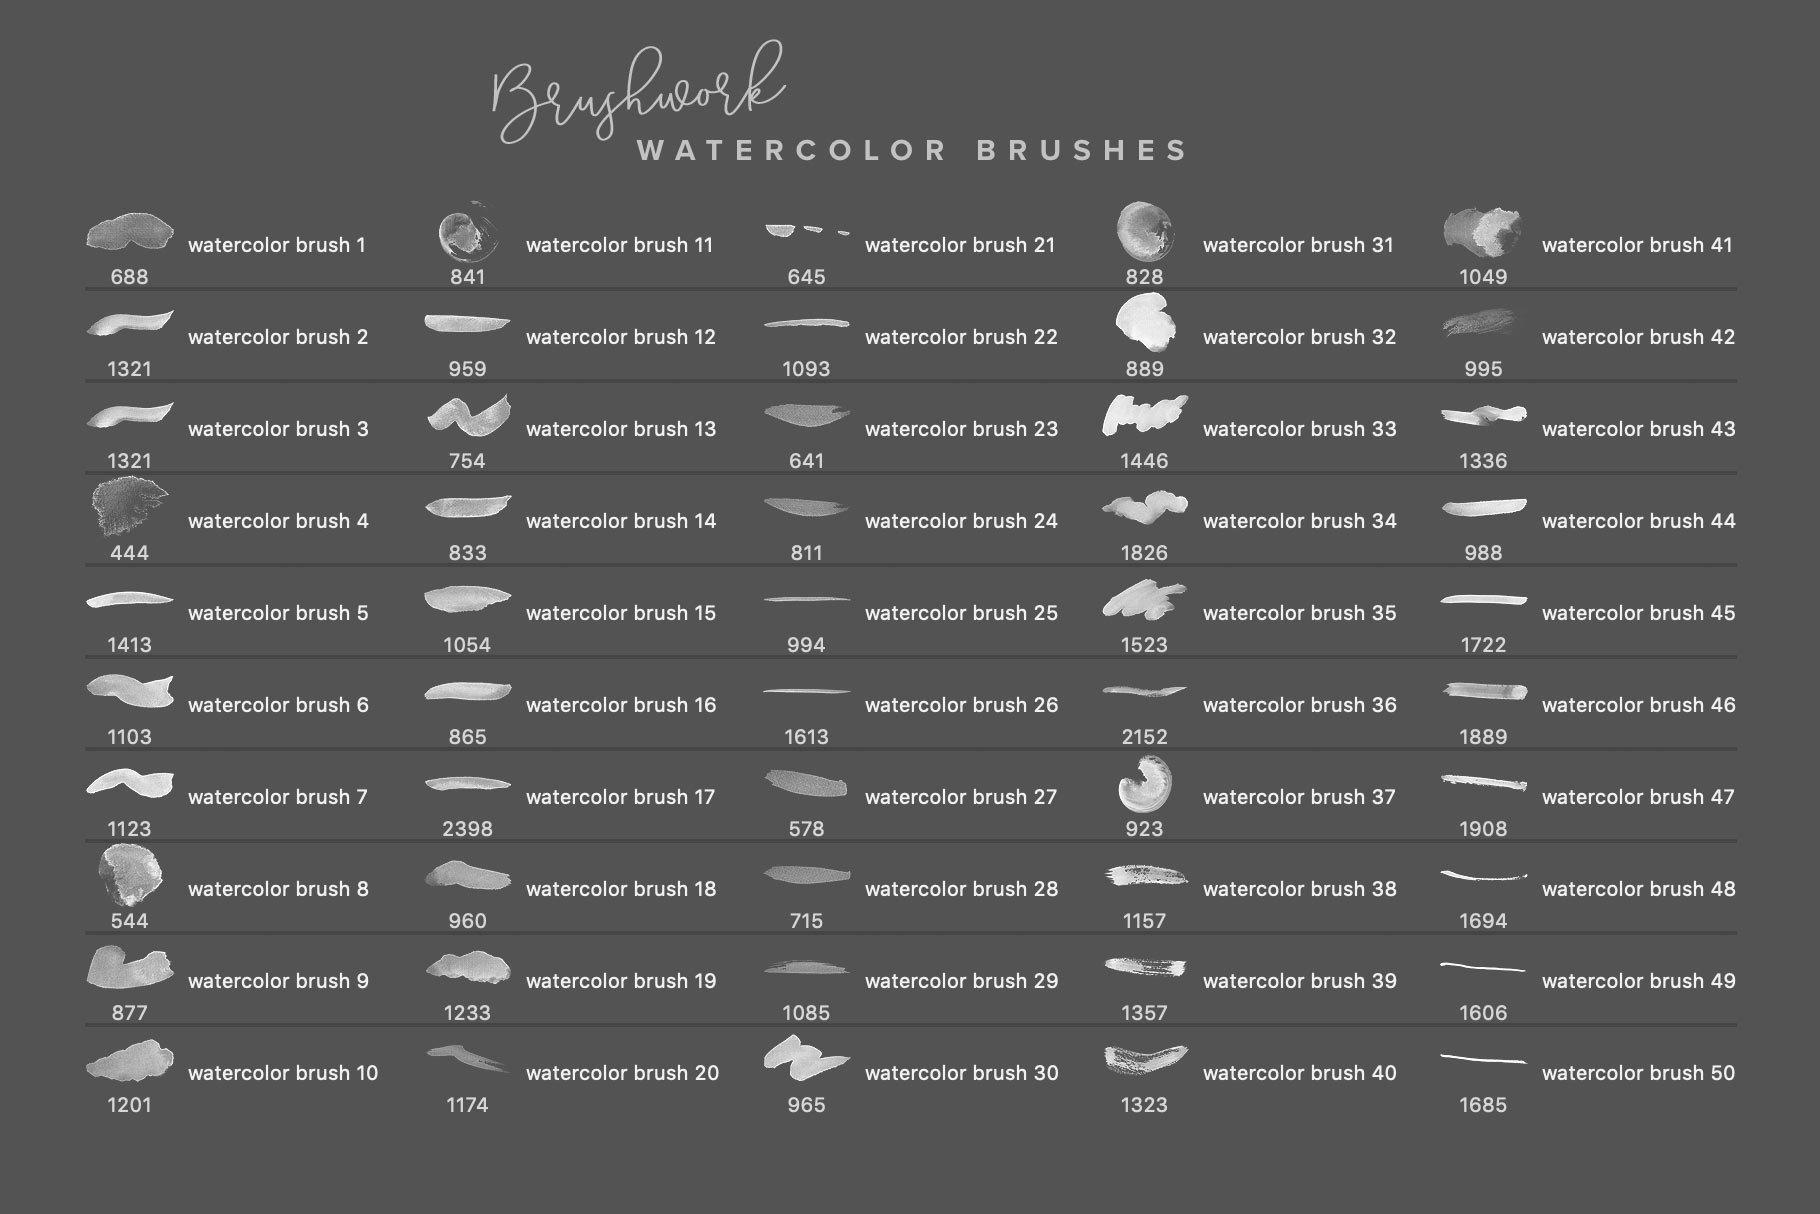 224款毛笔笔触水彩艺术绘画PS&Procreate笔刷素材 Brushwork PS & Procreate Brushes插图3